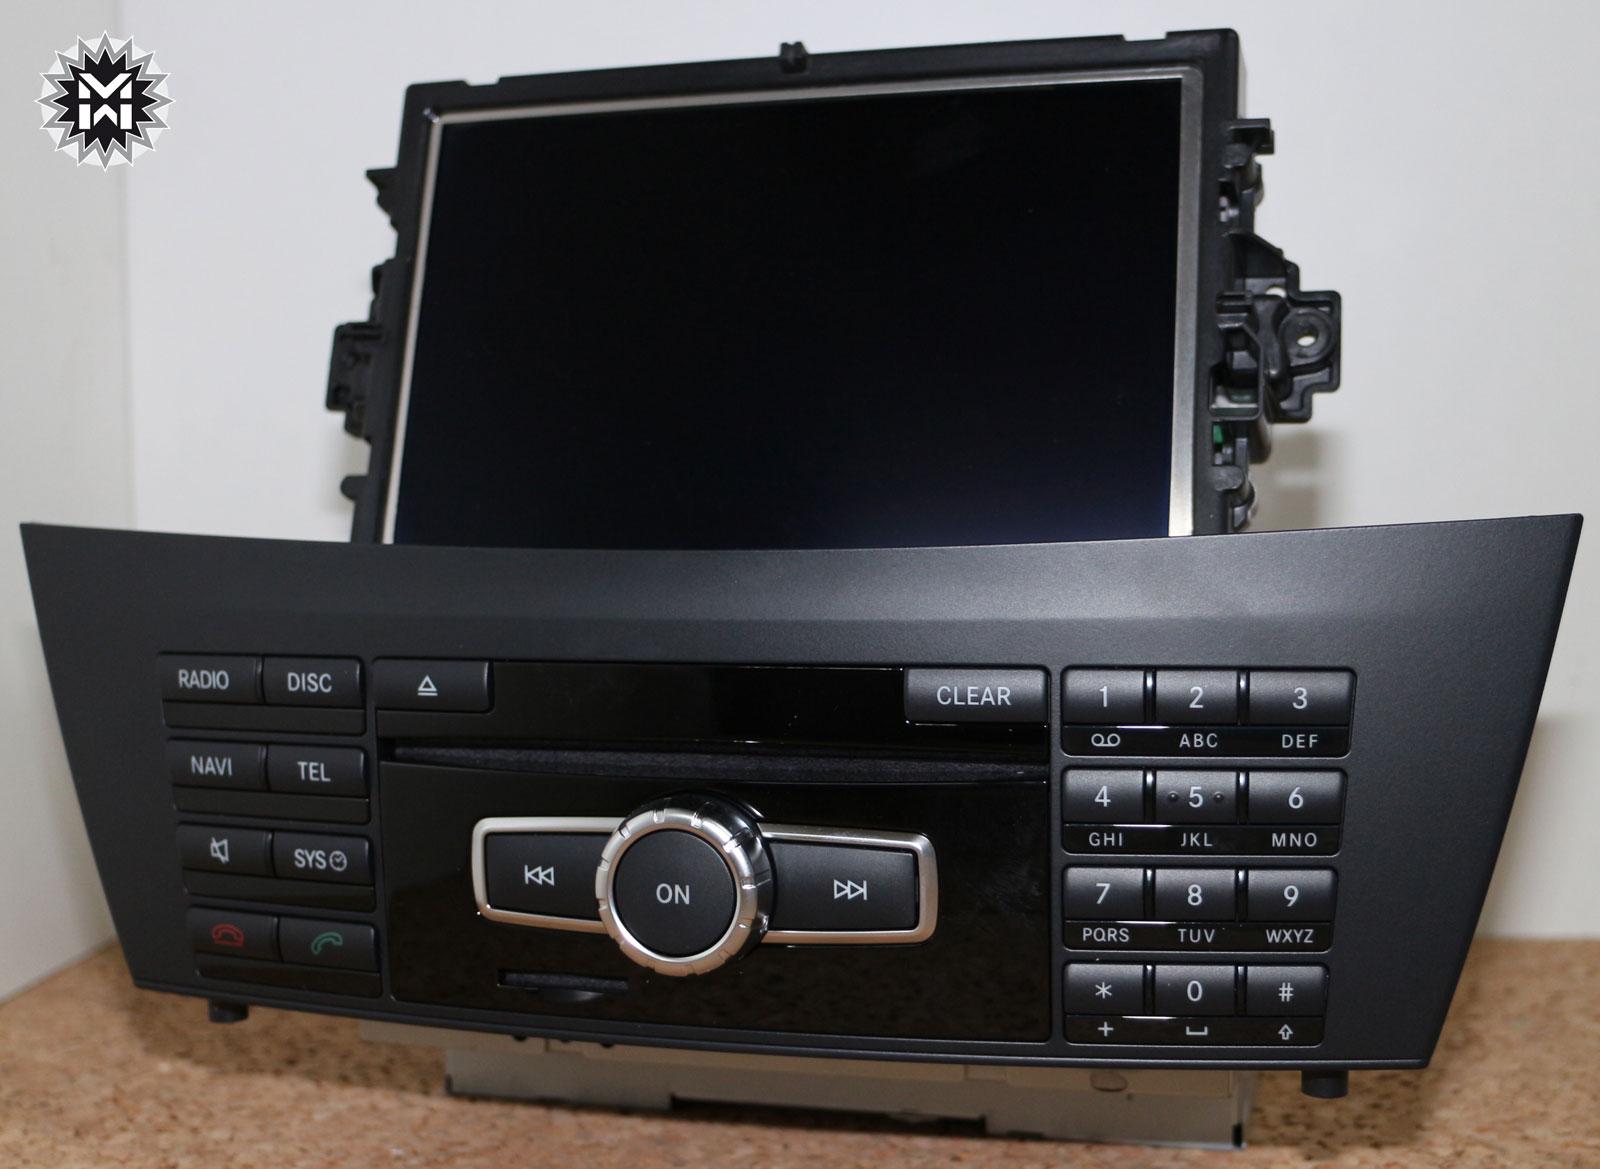 mercedes comand ntg 4 5 online dvd navigation c klasse. Black Bedroom Furniture Sets. Home Design Ideas